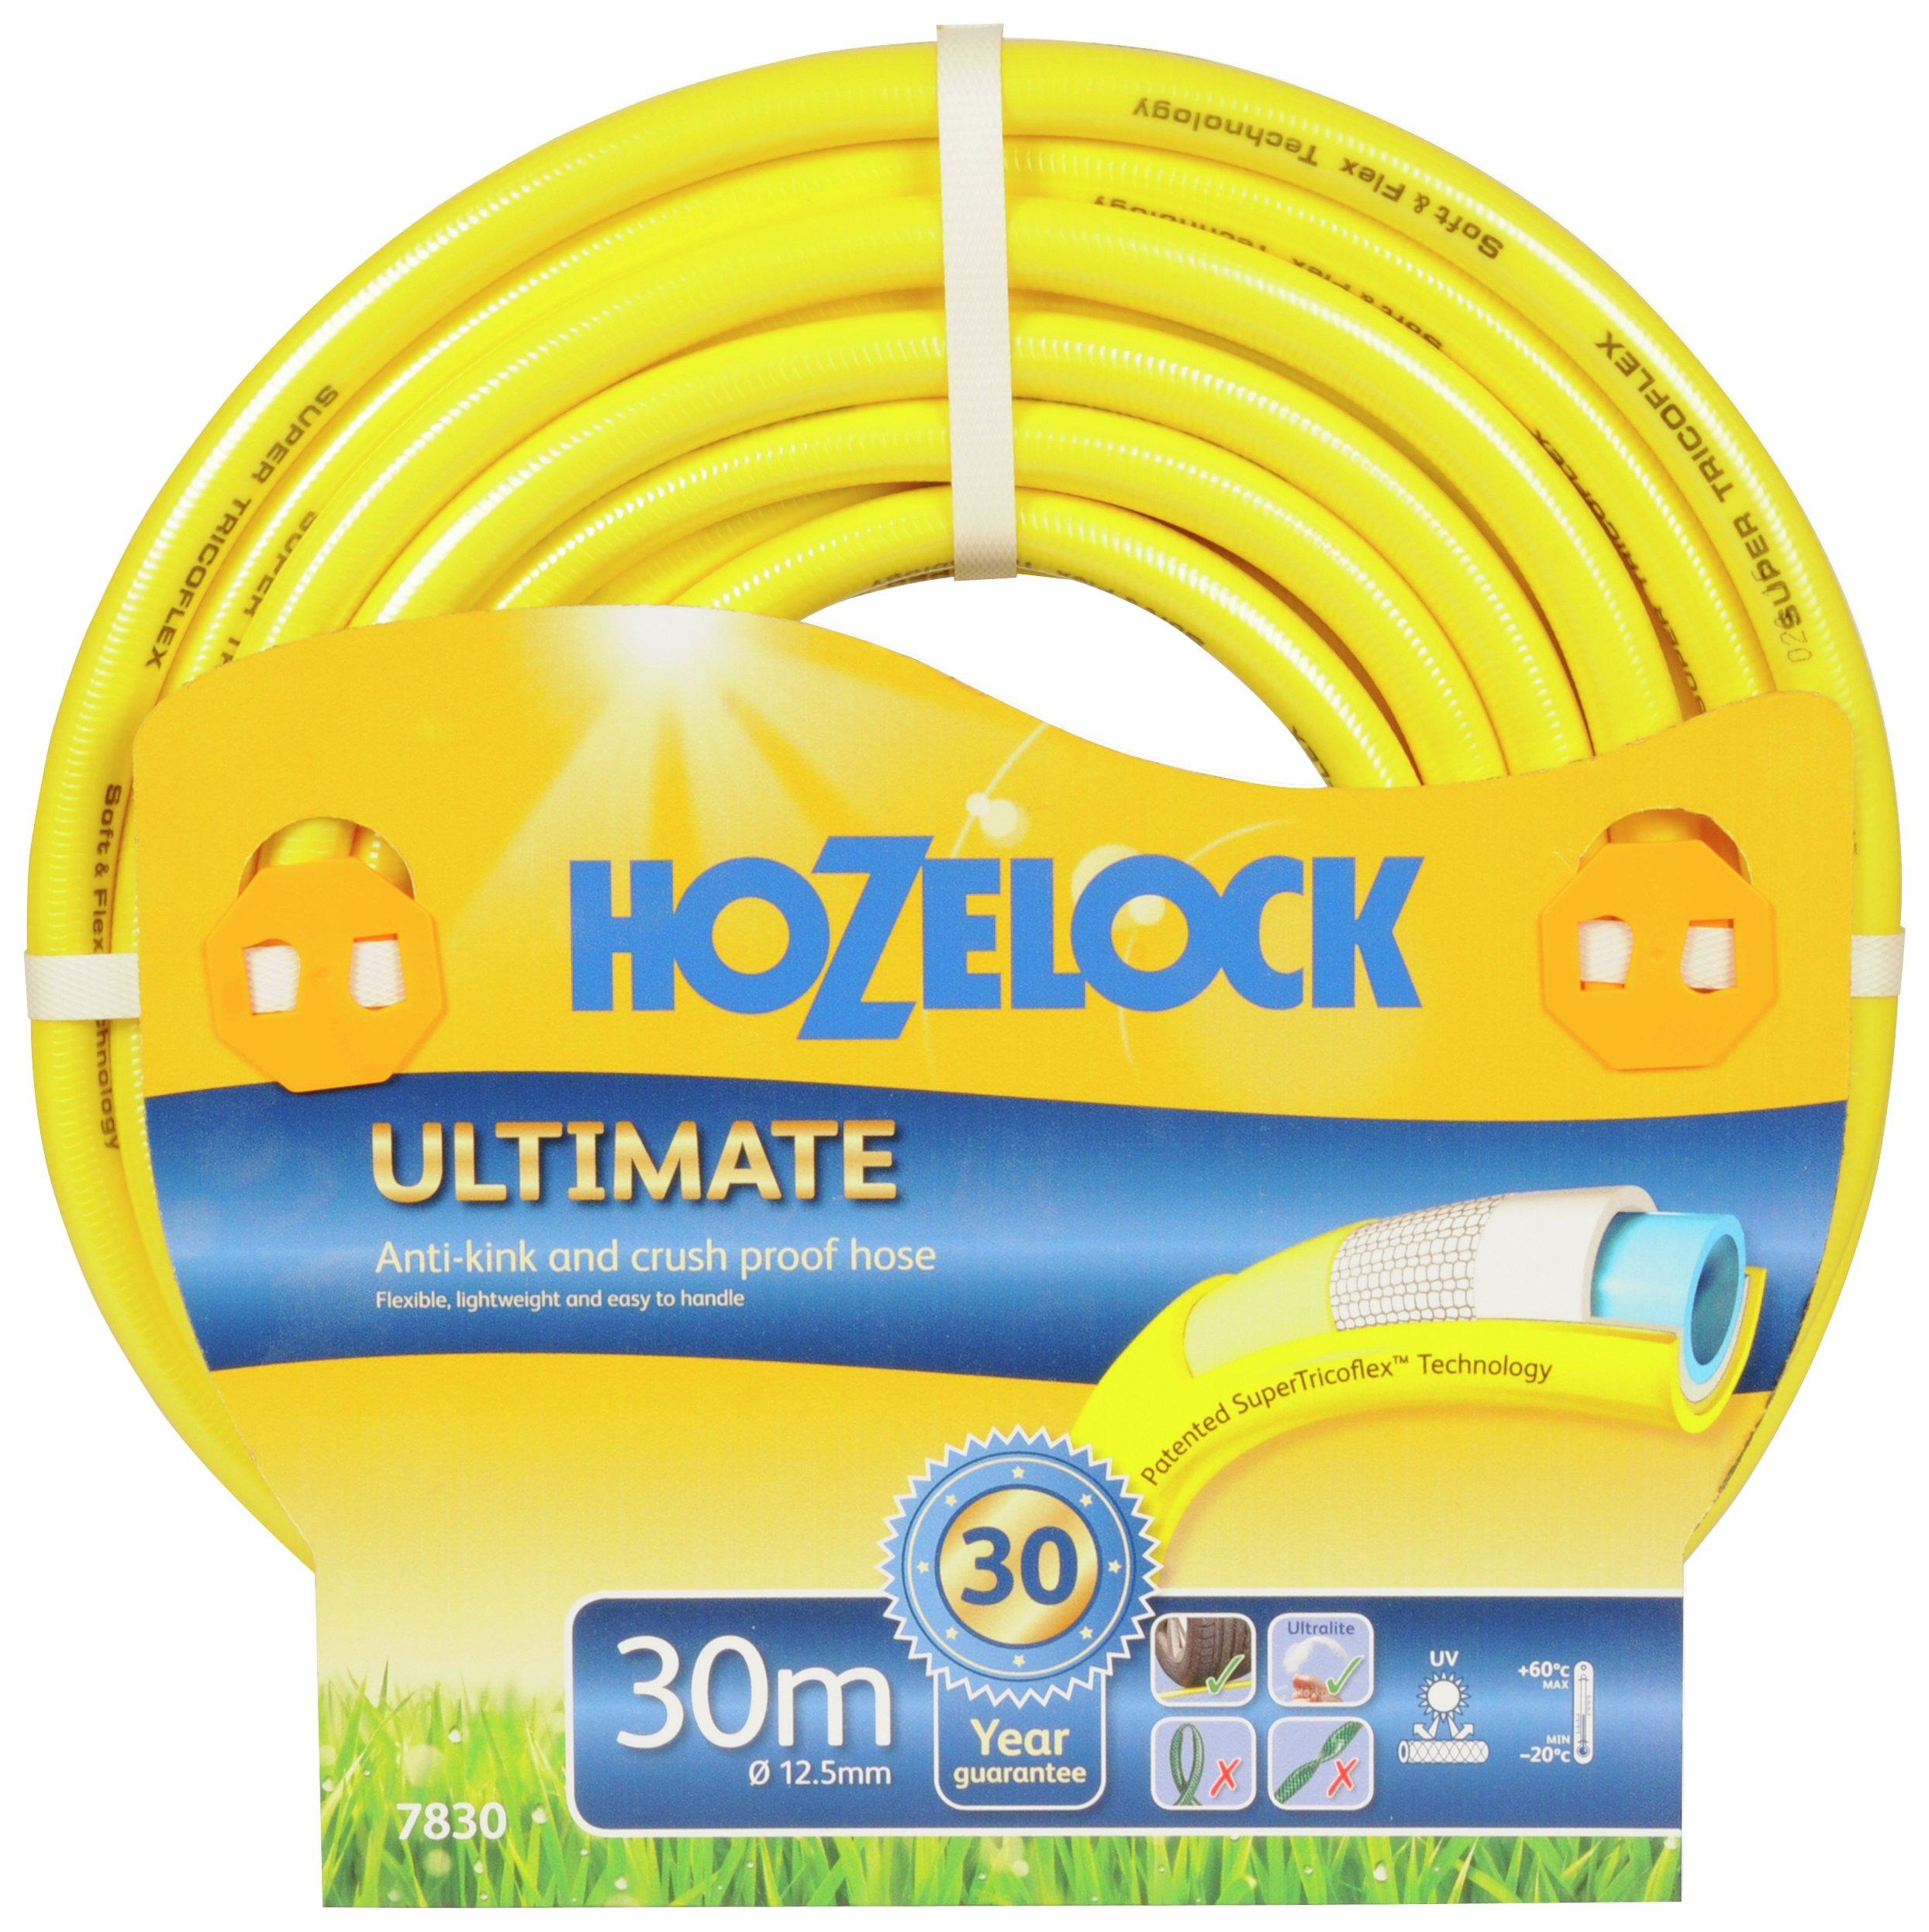 Image of Hozelock 30m Ultimate Hose.